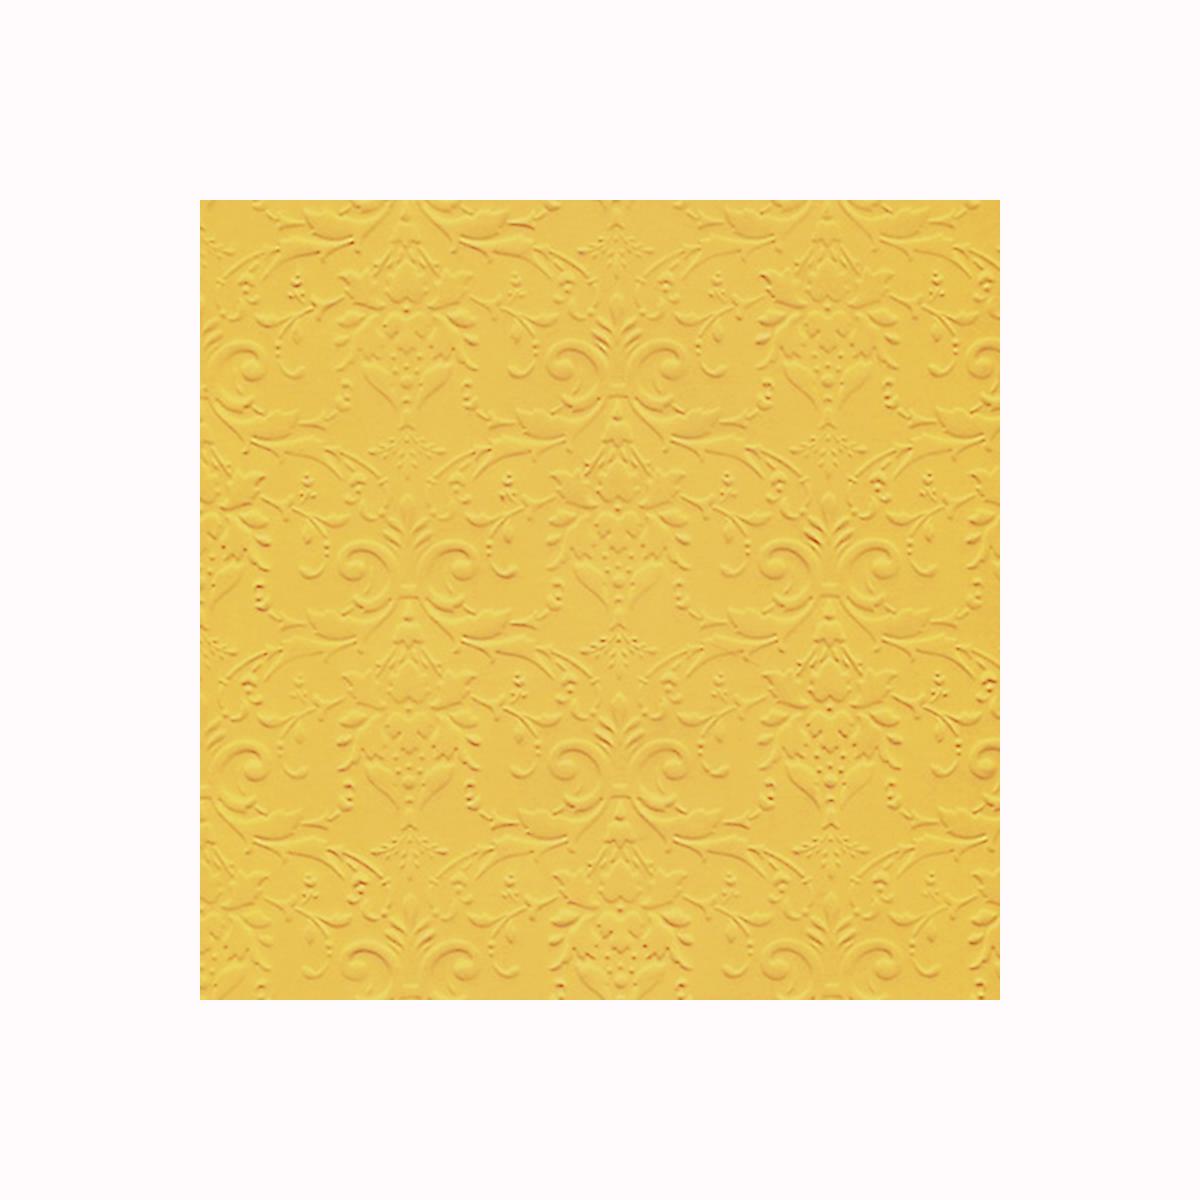 Бумага фактурная Лоза Дамасский узор, цвет: ярко-желтый, 3 листаC0038550Фактурная бумага для скрапбукинга Лоза Дамасский узор позволит создать красивый альбом, фоторамку или открытку ручной работы, оформить подарок или аппликацию. Набор включает в себя 3 листа из плотной бумаги.Скрапбукинг - это хобби, которое способно приносить массу приятных эмоций не только человеку, который этим занимается, но и его близким, друзьям, родным. Это невероятно увлекательное занятие, которое поможет вам сохранить наиболее памятные и яркие моменты вашей жизни, а также интересно оформить интерьер дома. Плотность бумаги: 200 г/м2.